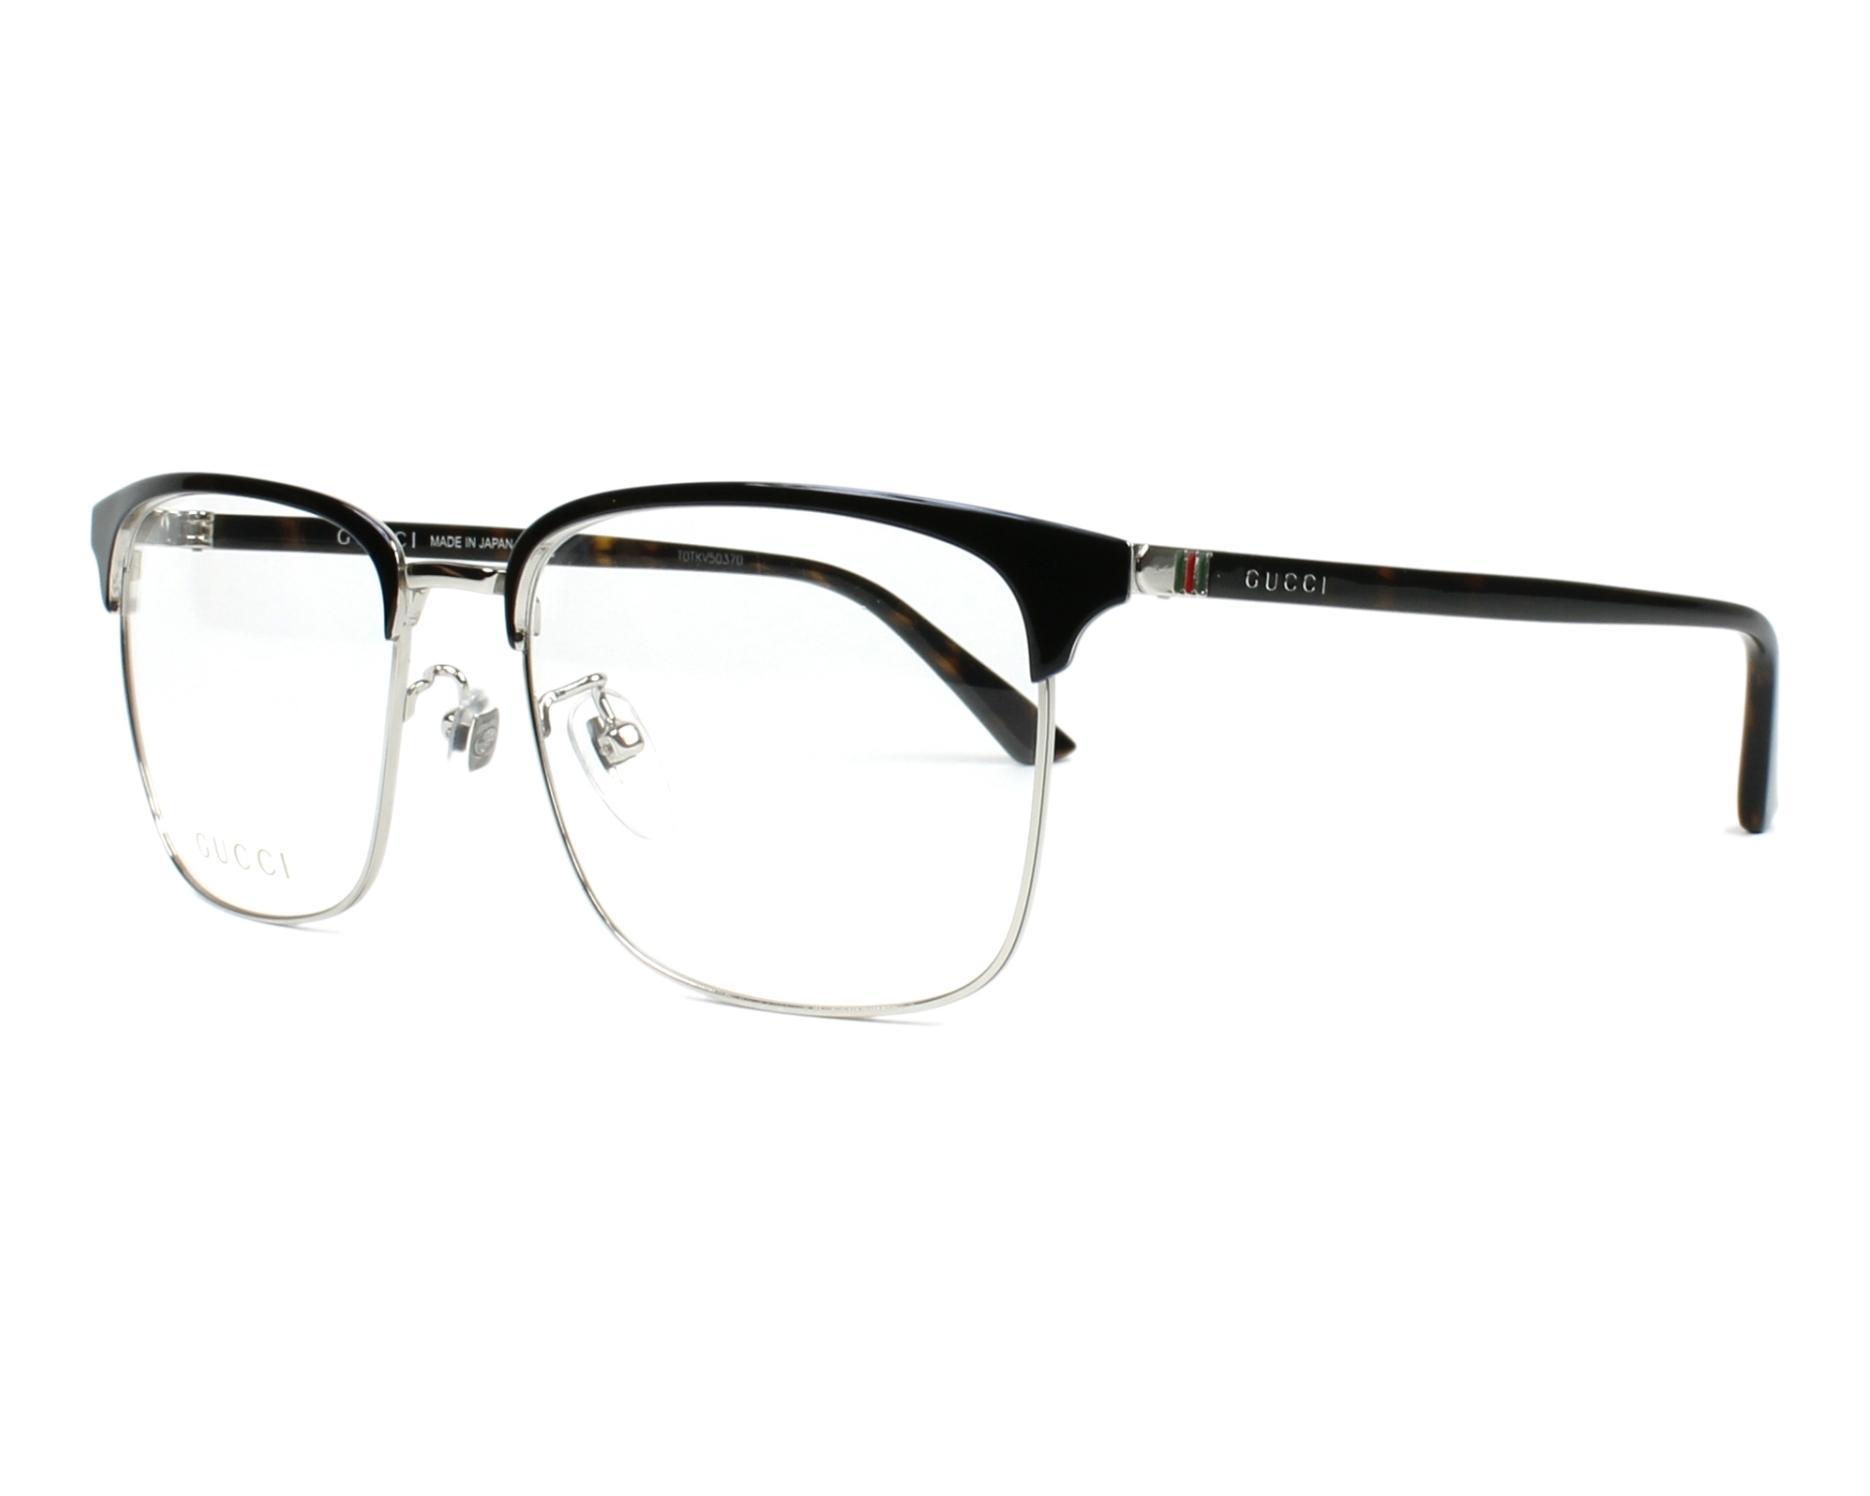 c793501dc1a eyeglasses Gucci GG-0130-O 006 - Black Silver profile view